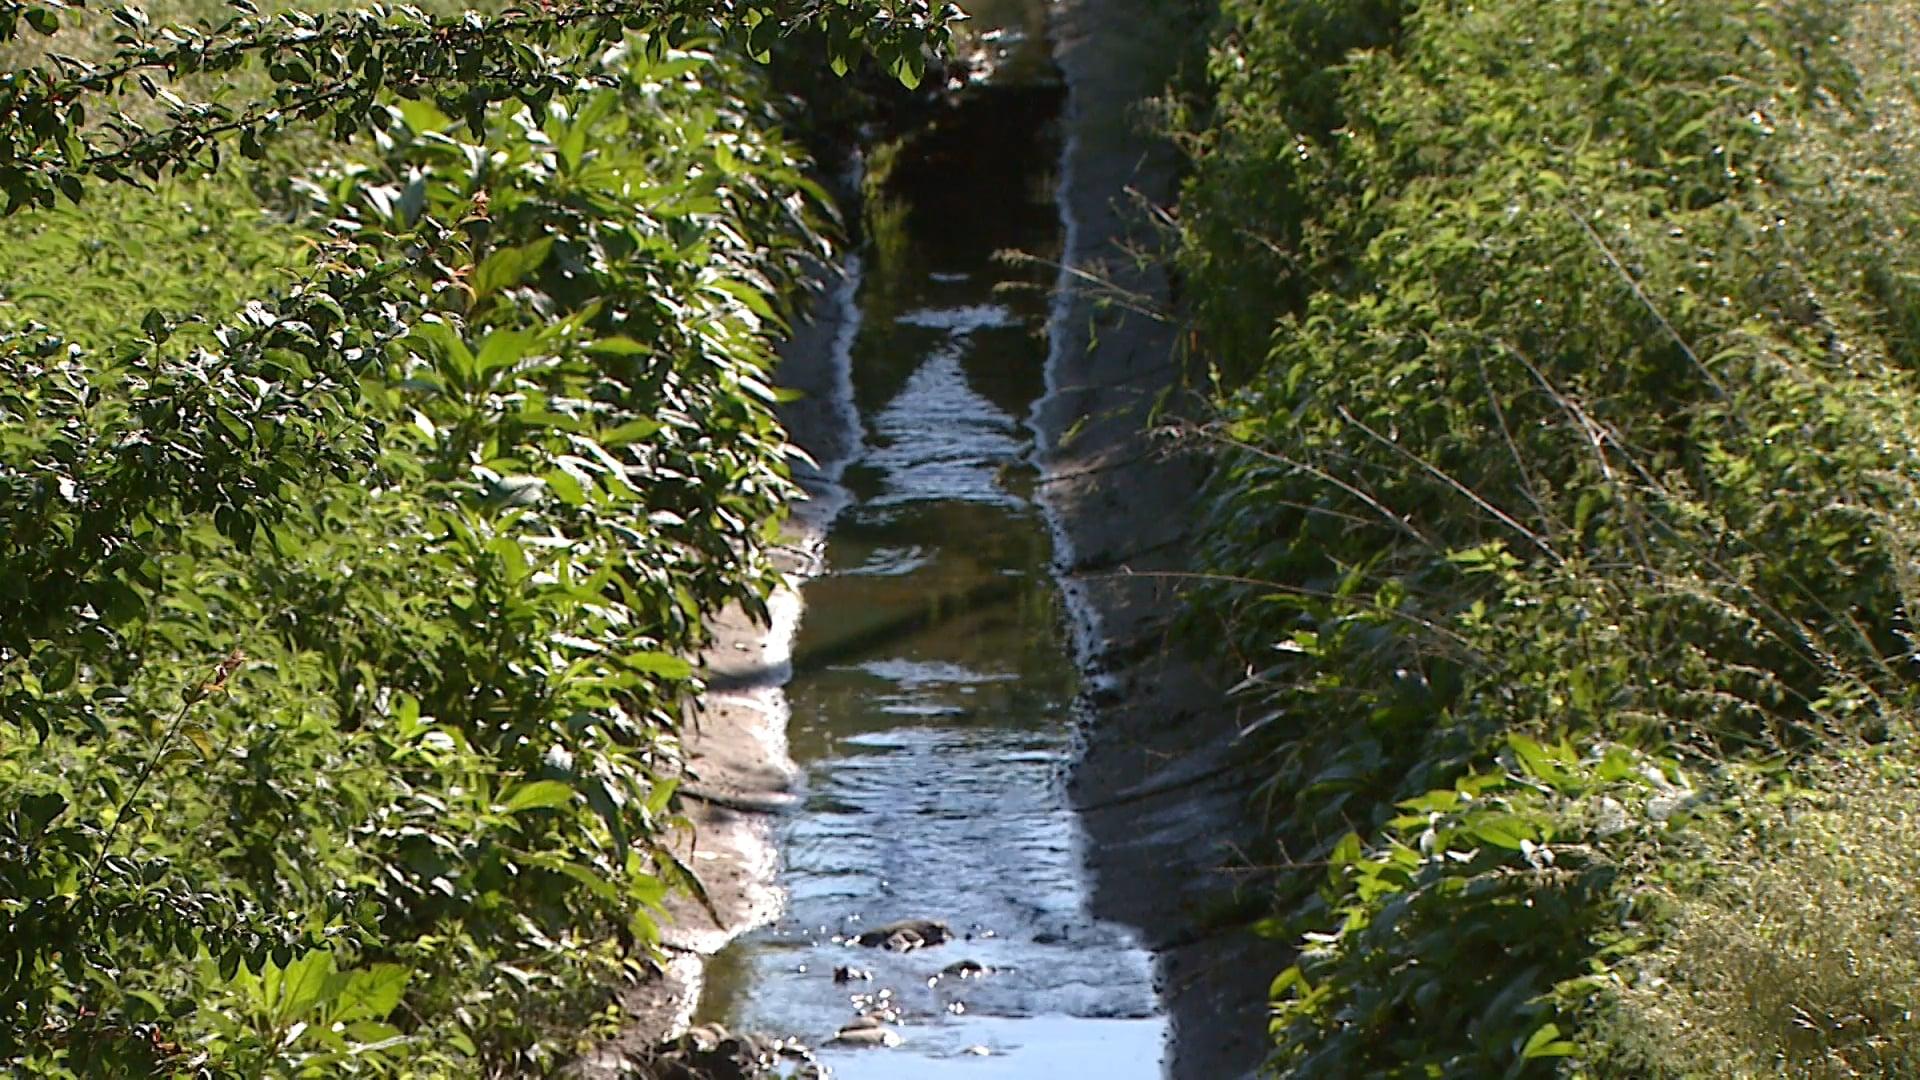 Stražunski potok pušča sledi fekalij